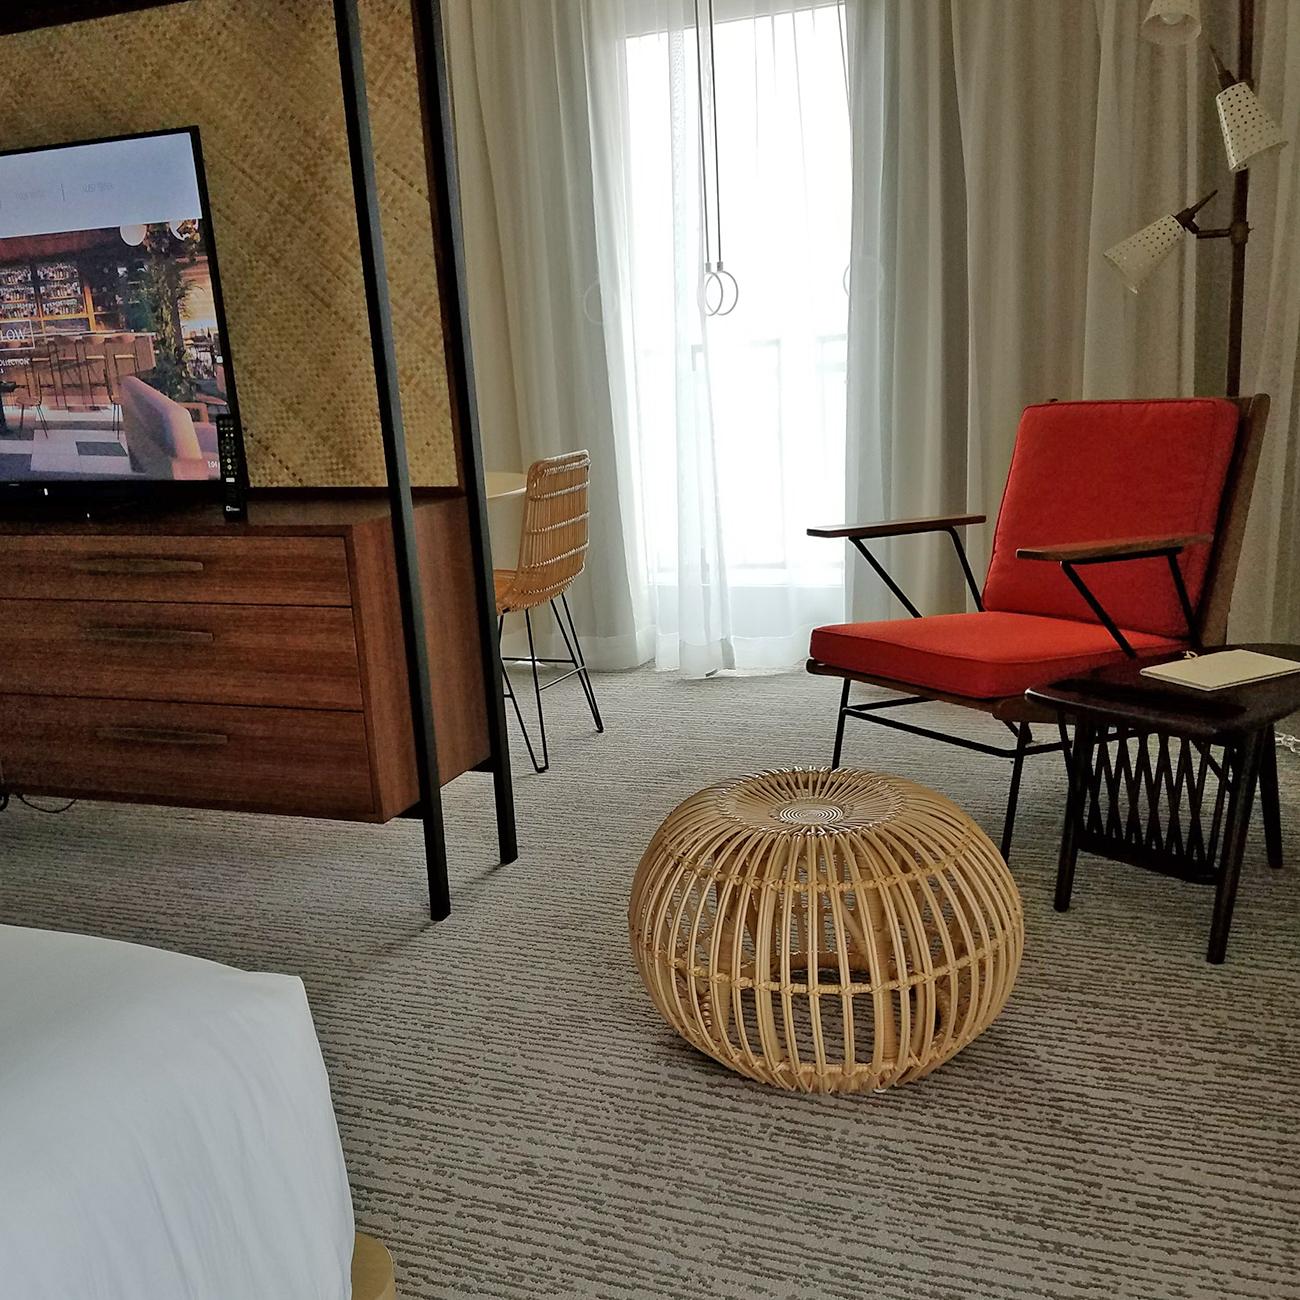 Laylow Waikiki room decor